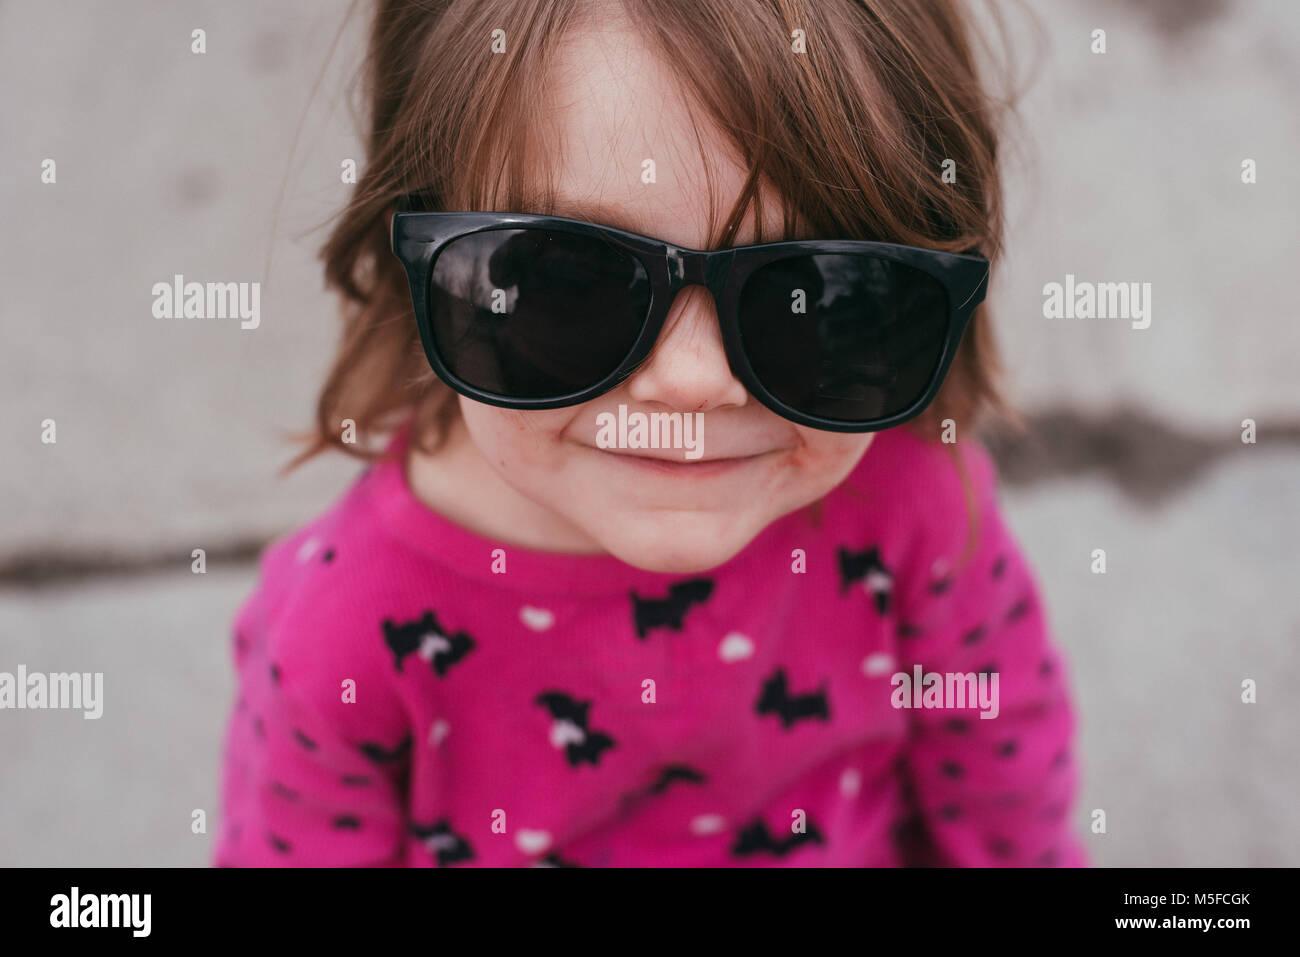 Un niño chica que llevaba una camiseta rosada y gafas de sol, de pie en una acera en un día caluroso y Imagen De Stock